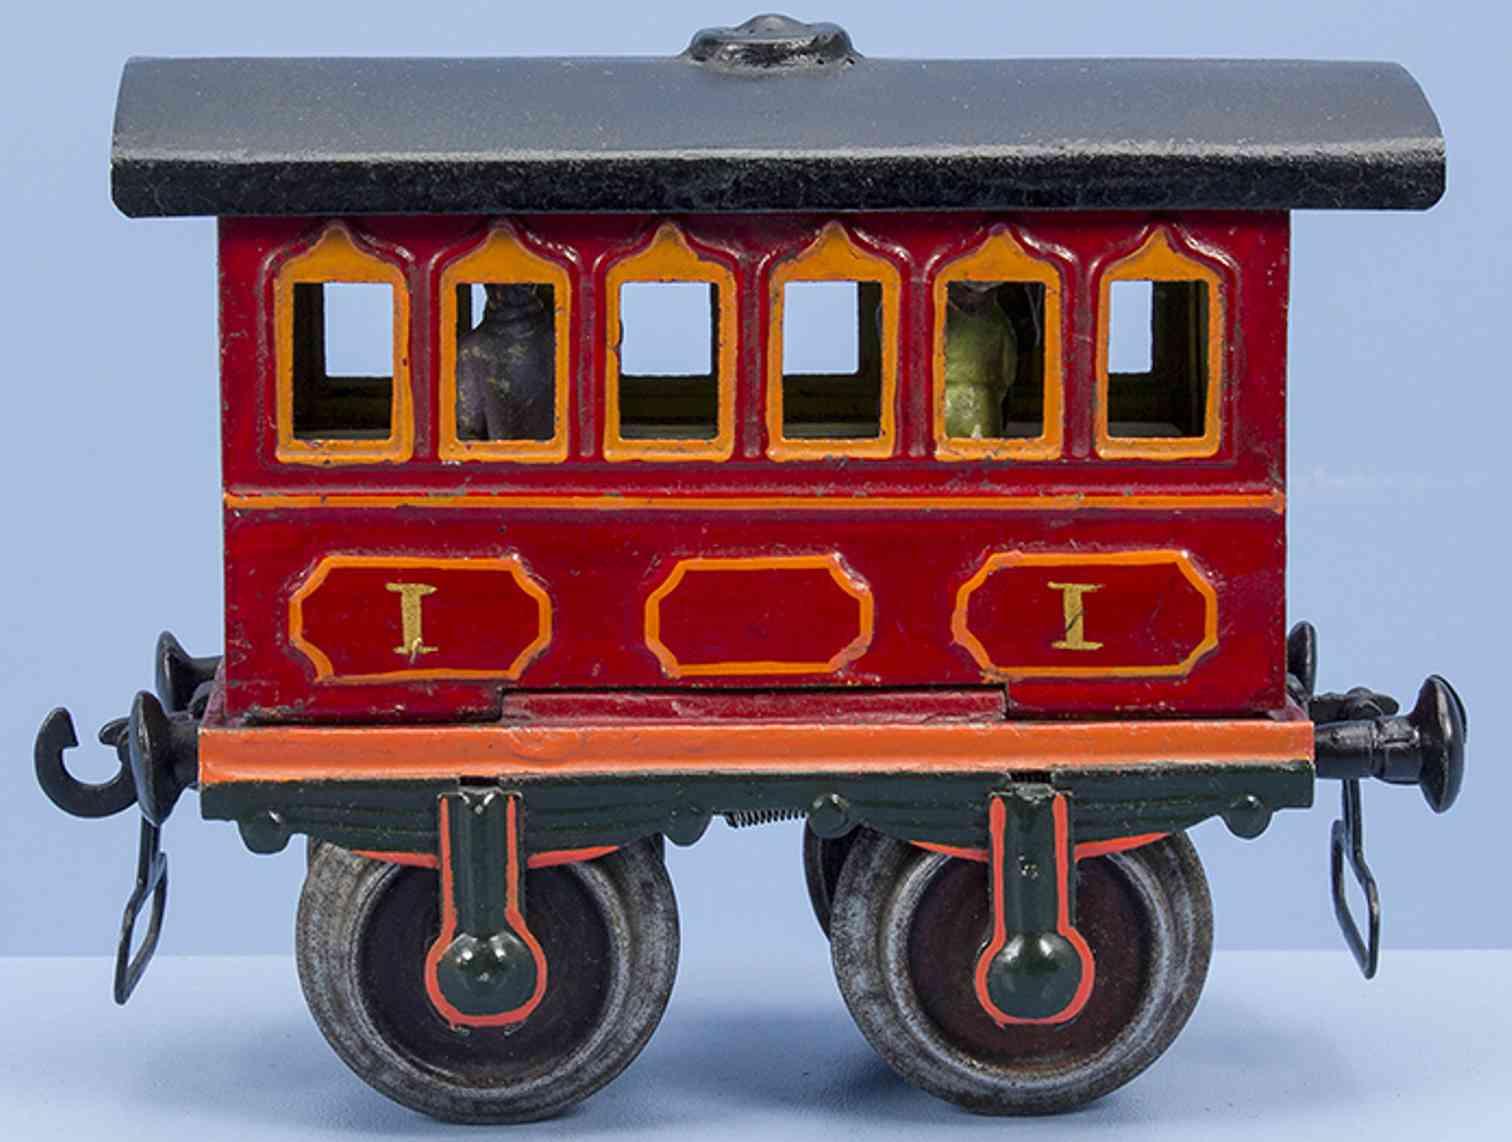 maerklin 1837/0 spielzeug eisenbahn katastrophenwagen spur 0